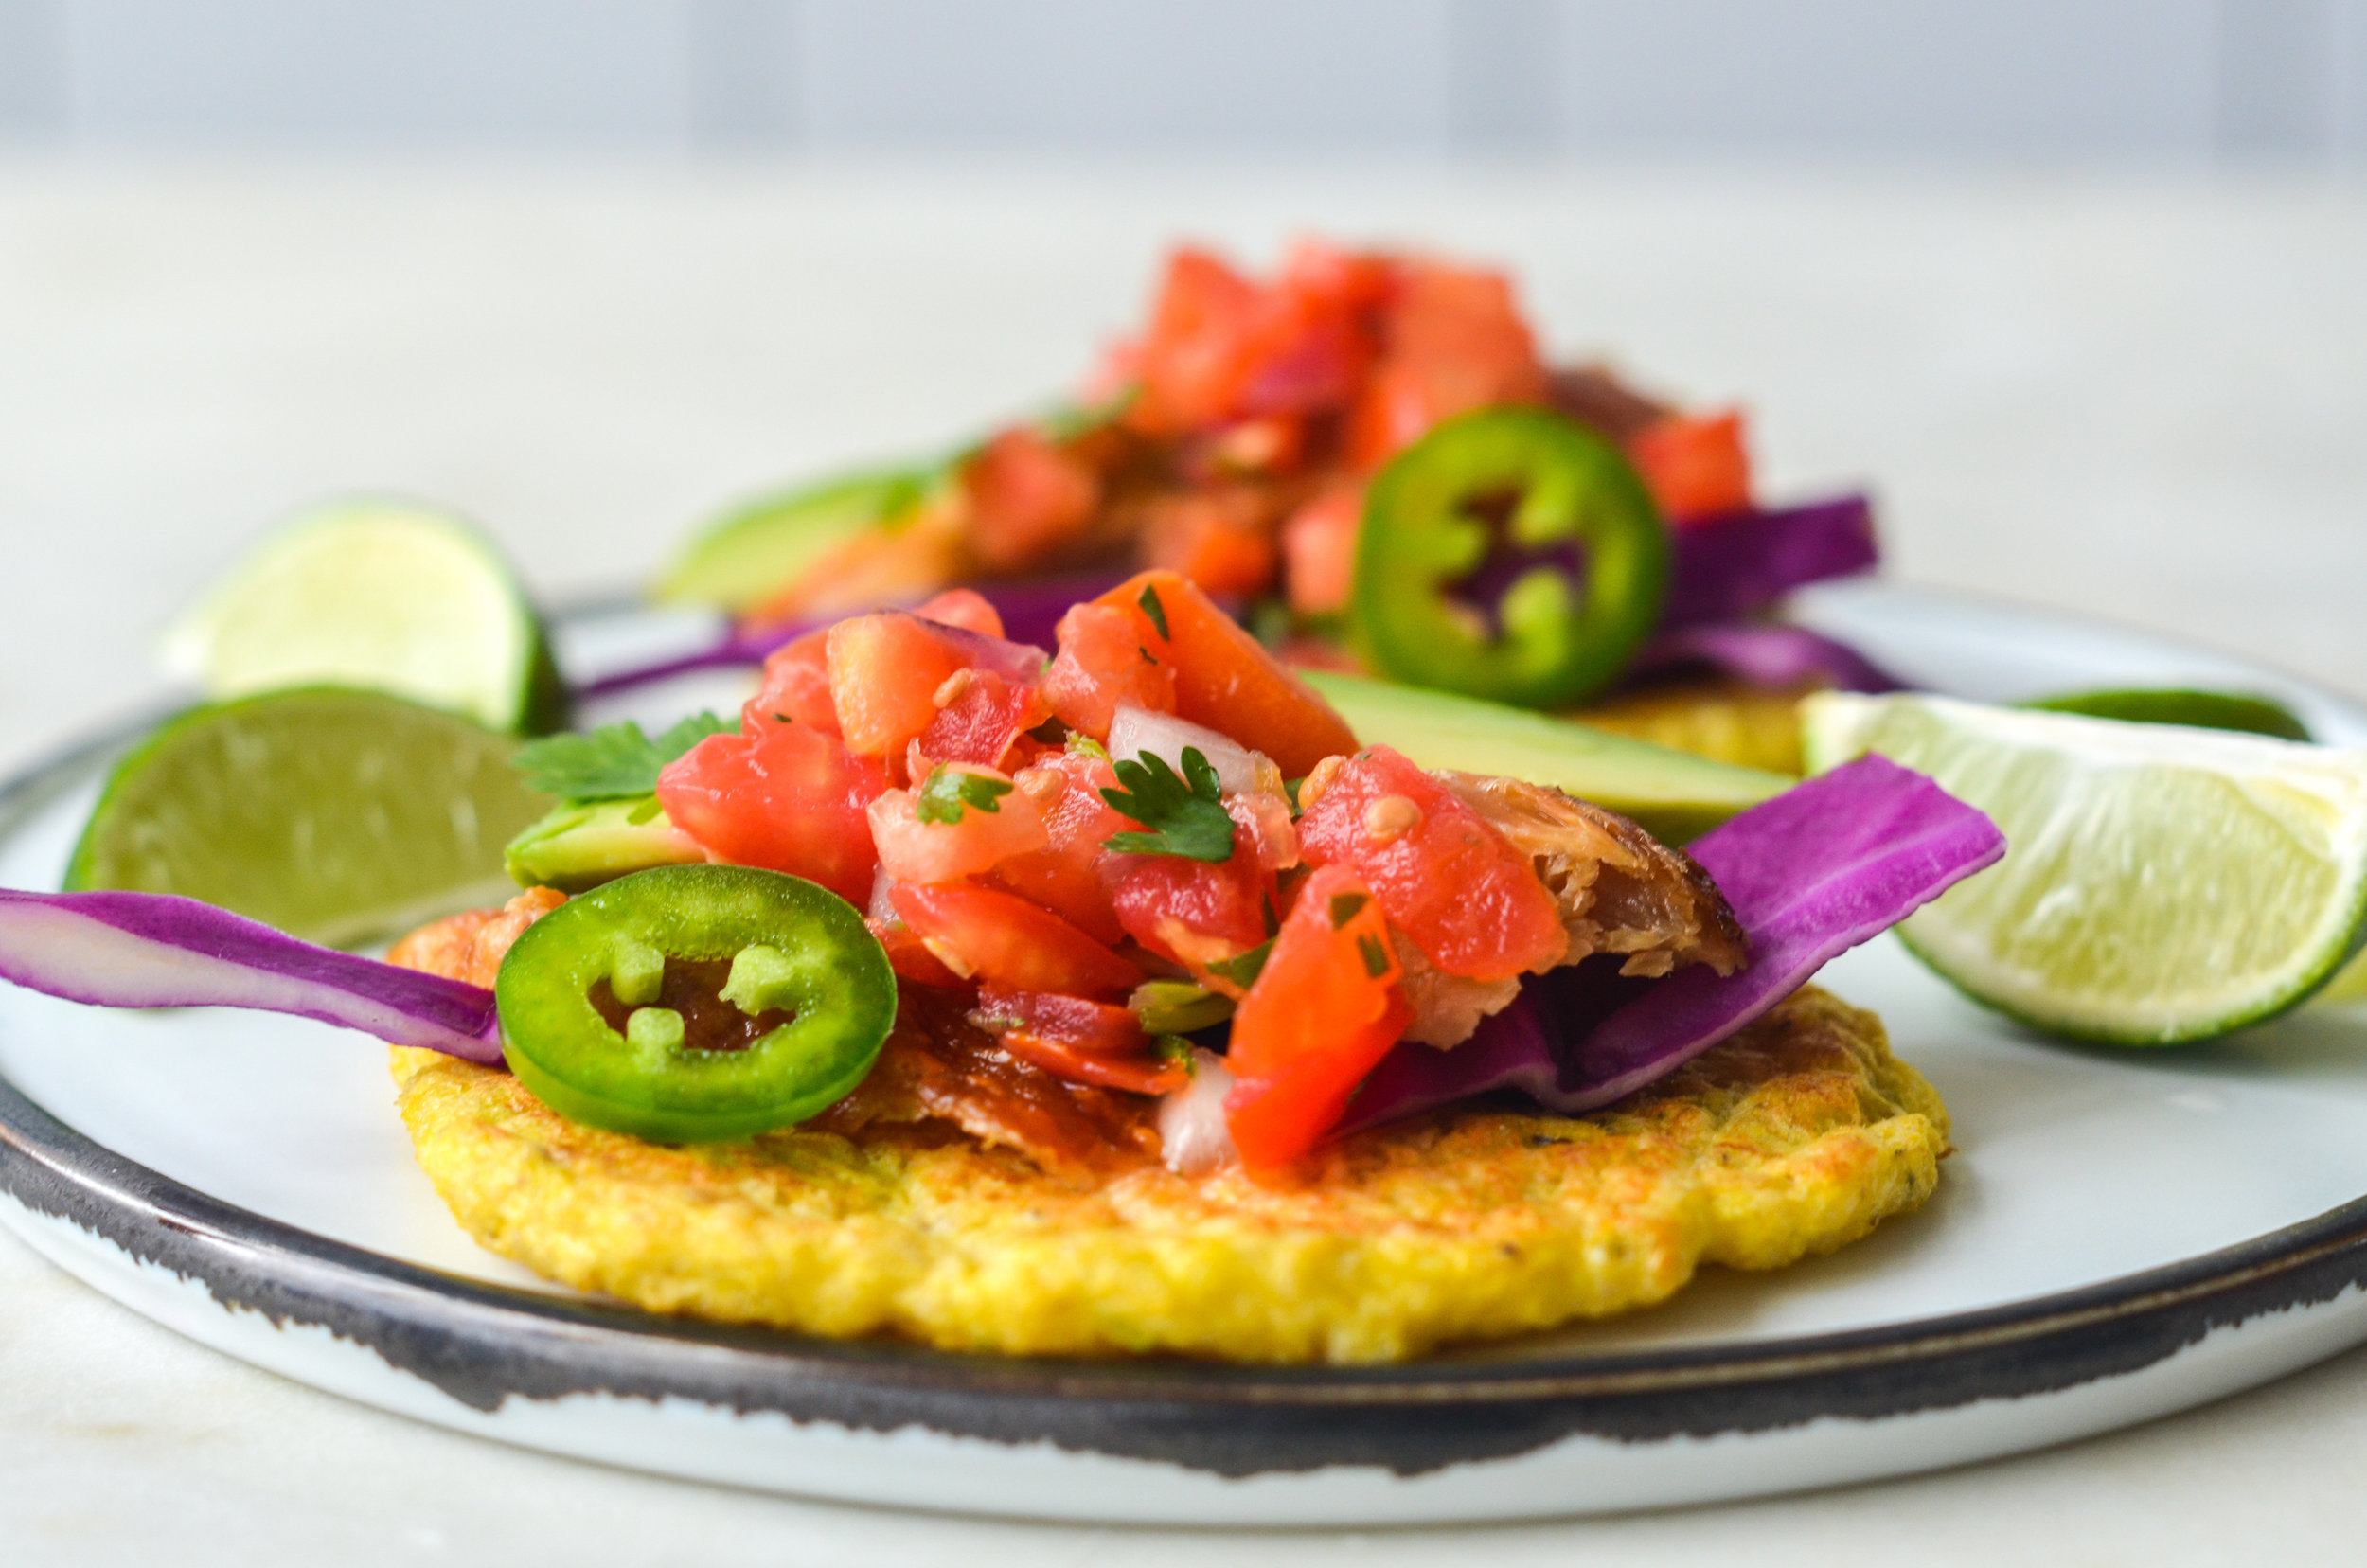 ShiraRD paleo tacos